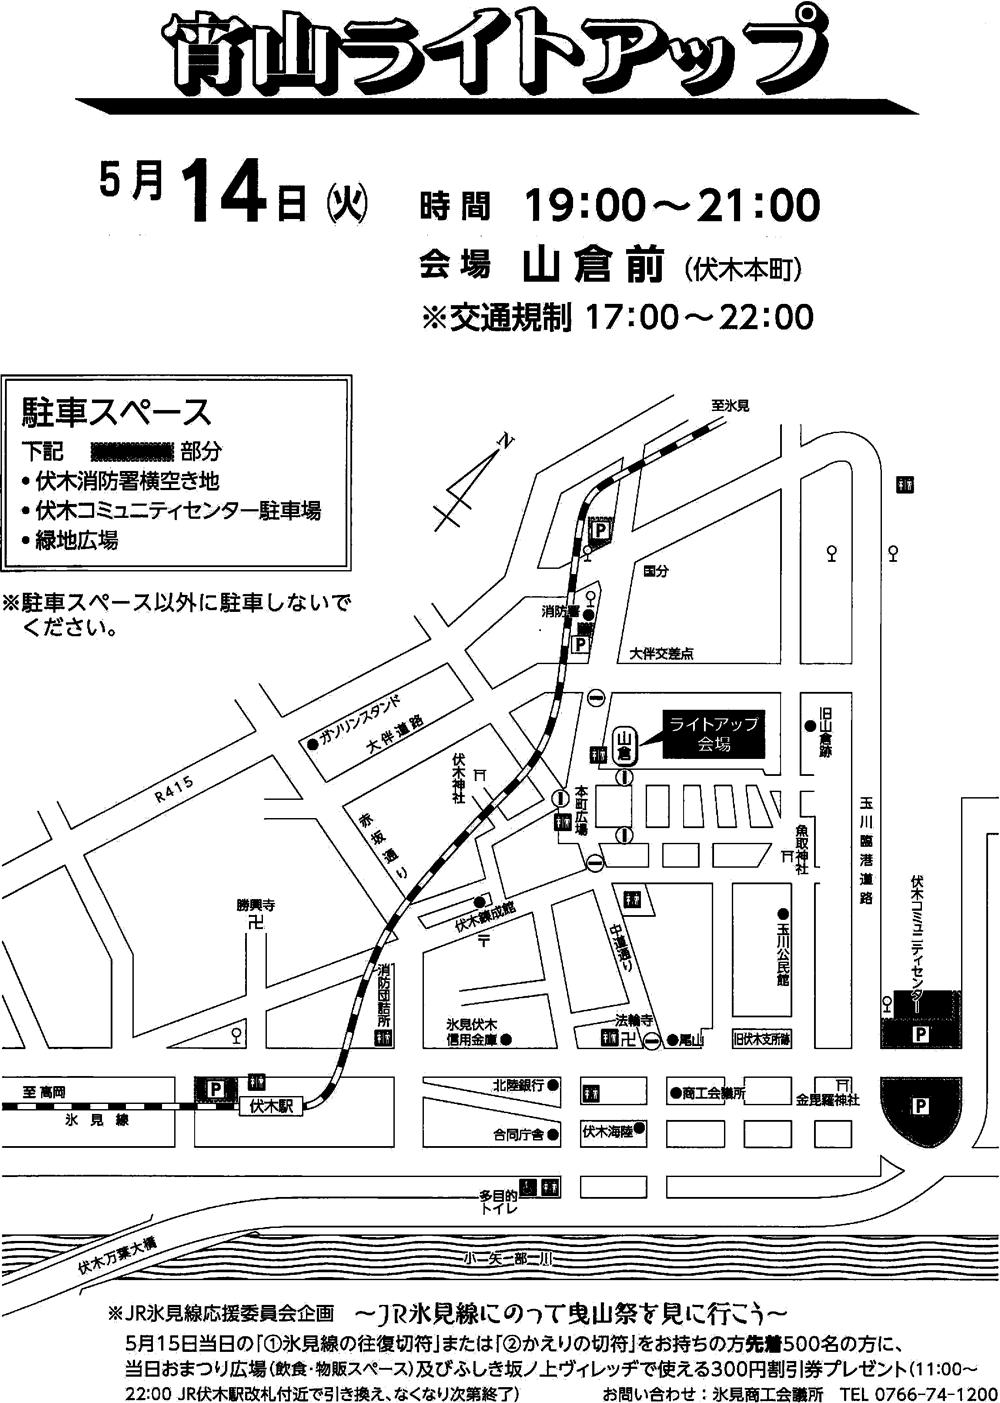 伏木神社例大祭・伏木けんか山2019の宵山ライトアップ